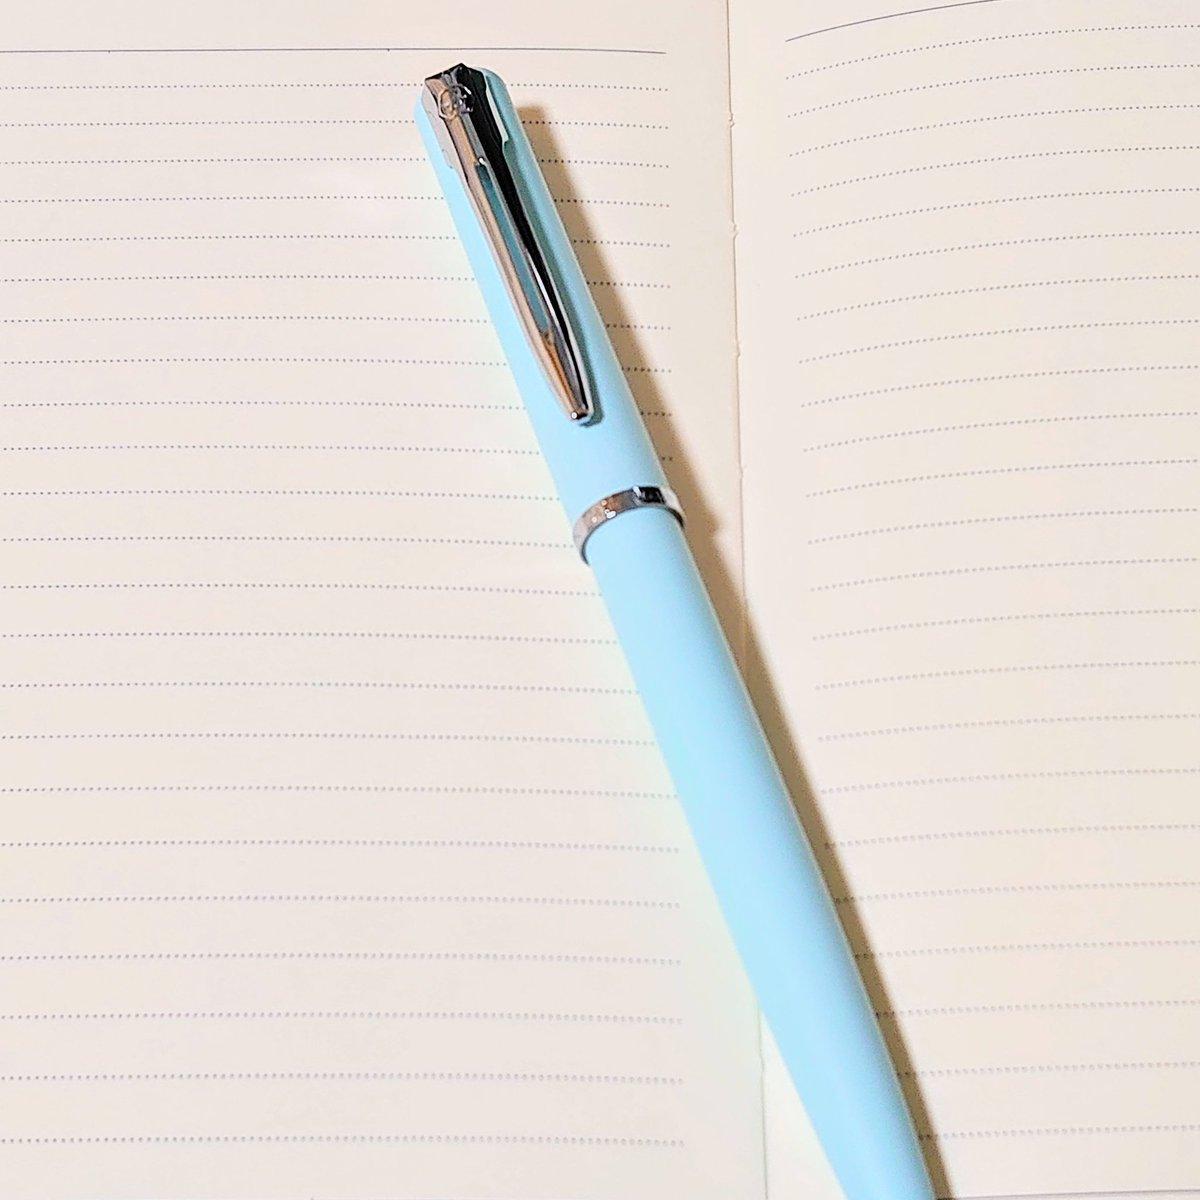 WATERMAN Allure 手帳用にWATERMANの低価格帯のペン初めて使ってみてるけれどいい感じ♪  書きやすくてしっくりくる♪  ただ、このシリーズは塗装が不安かな… 剥げやすいタイプと思う。  ずっとCROSSとSHEAFFERばかり使ってきたけれどWATERMANもいいな~(´∀`*) #Waterman #Allure  #ウォーターマン https://t.co/MY4YrEgH5f